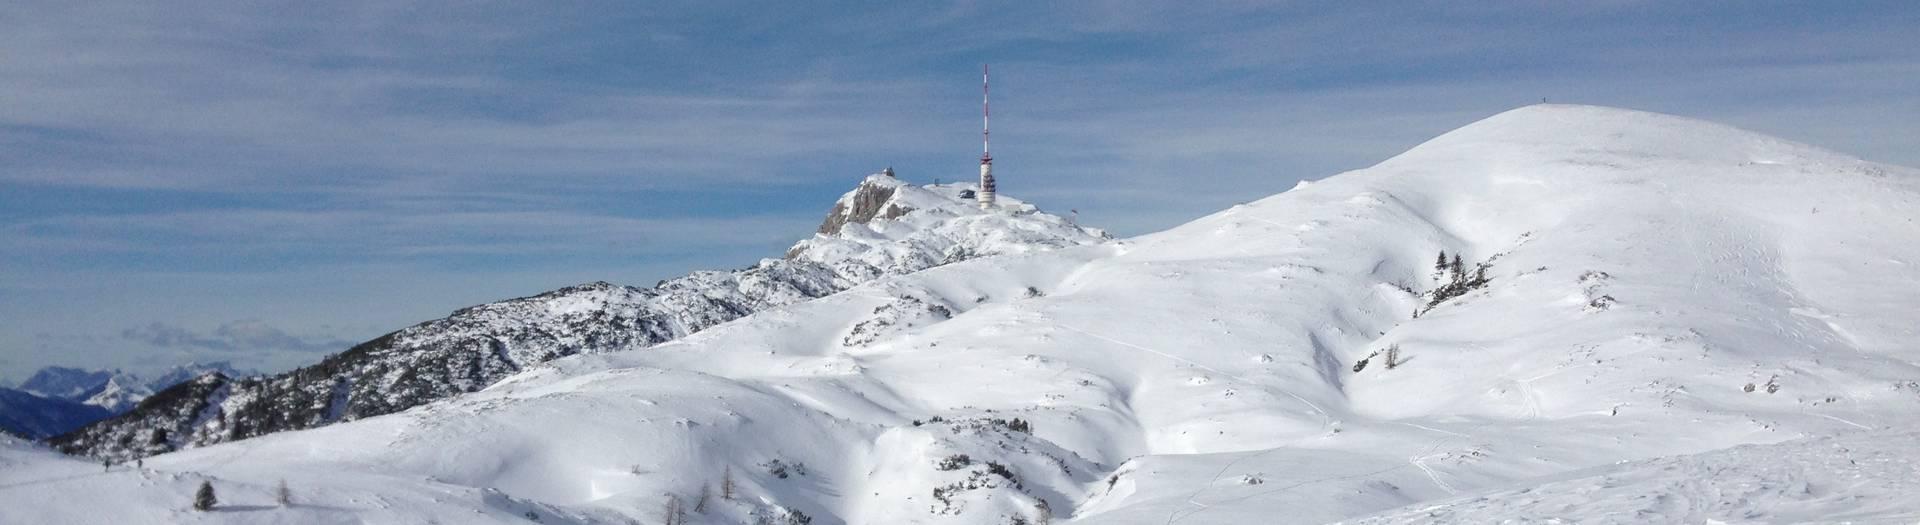 Dobratsch Skitour von Heiligengeist